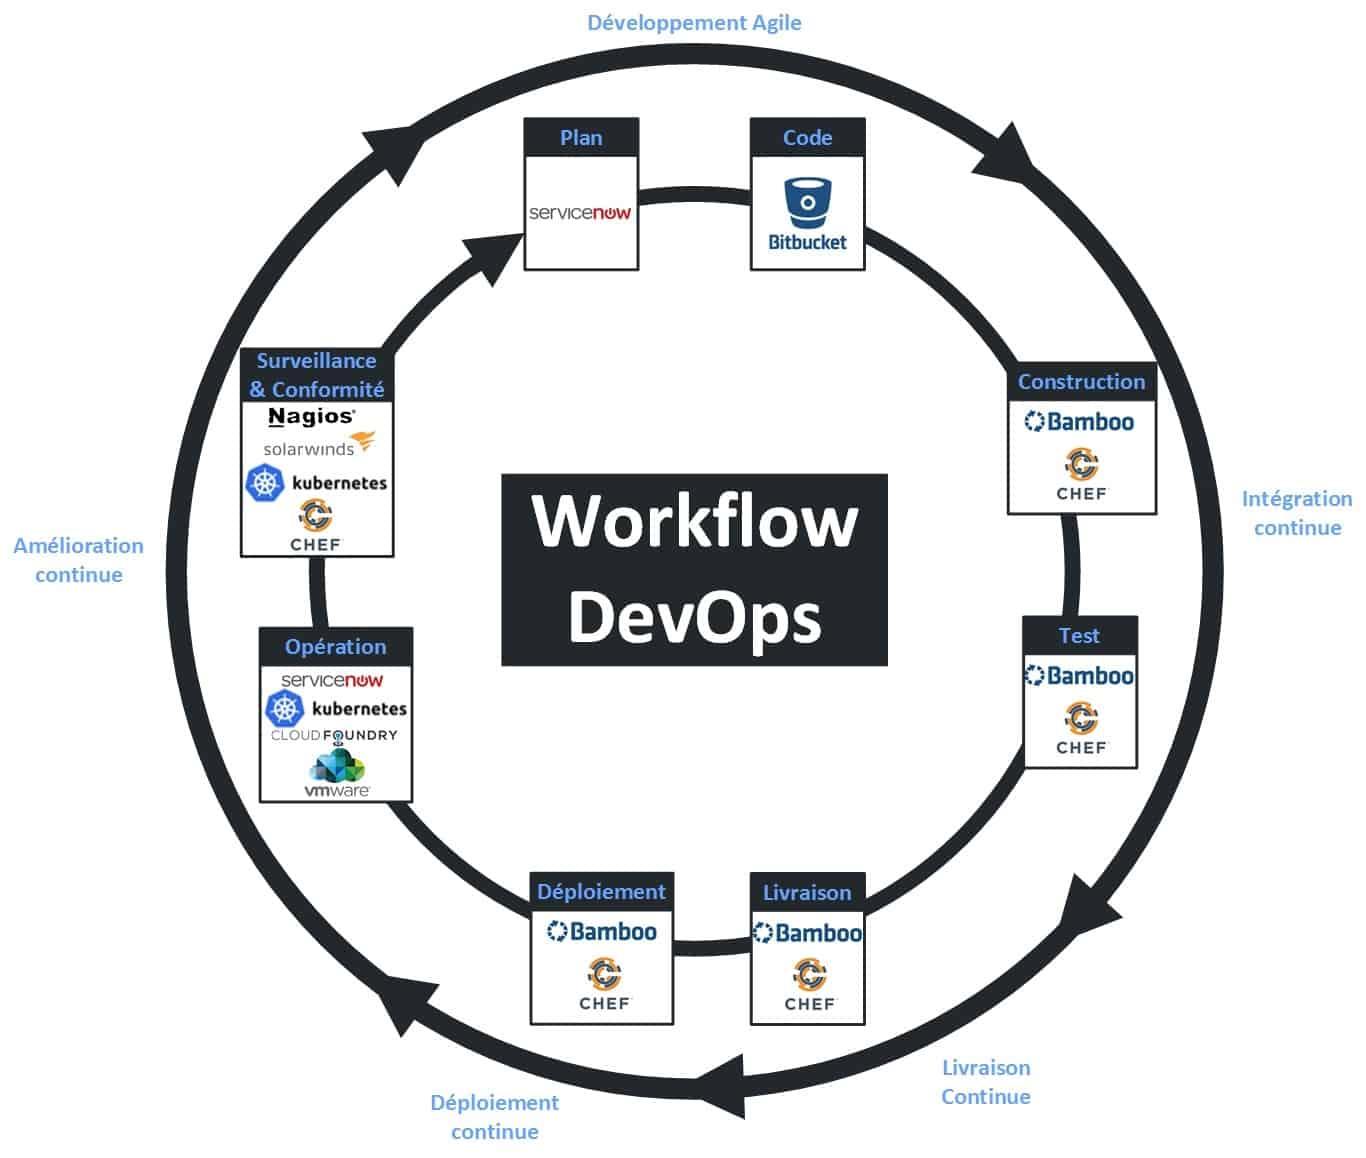 Workflow DevOps